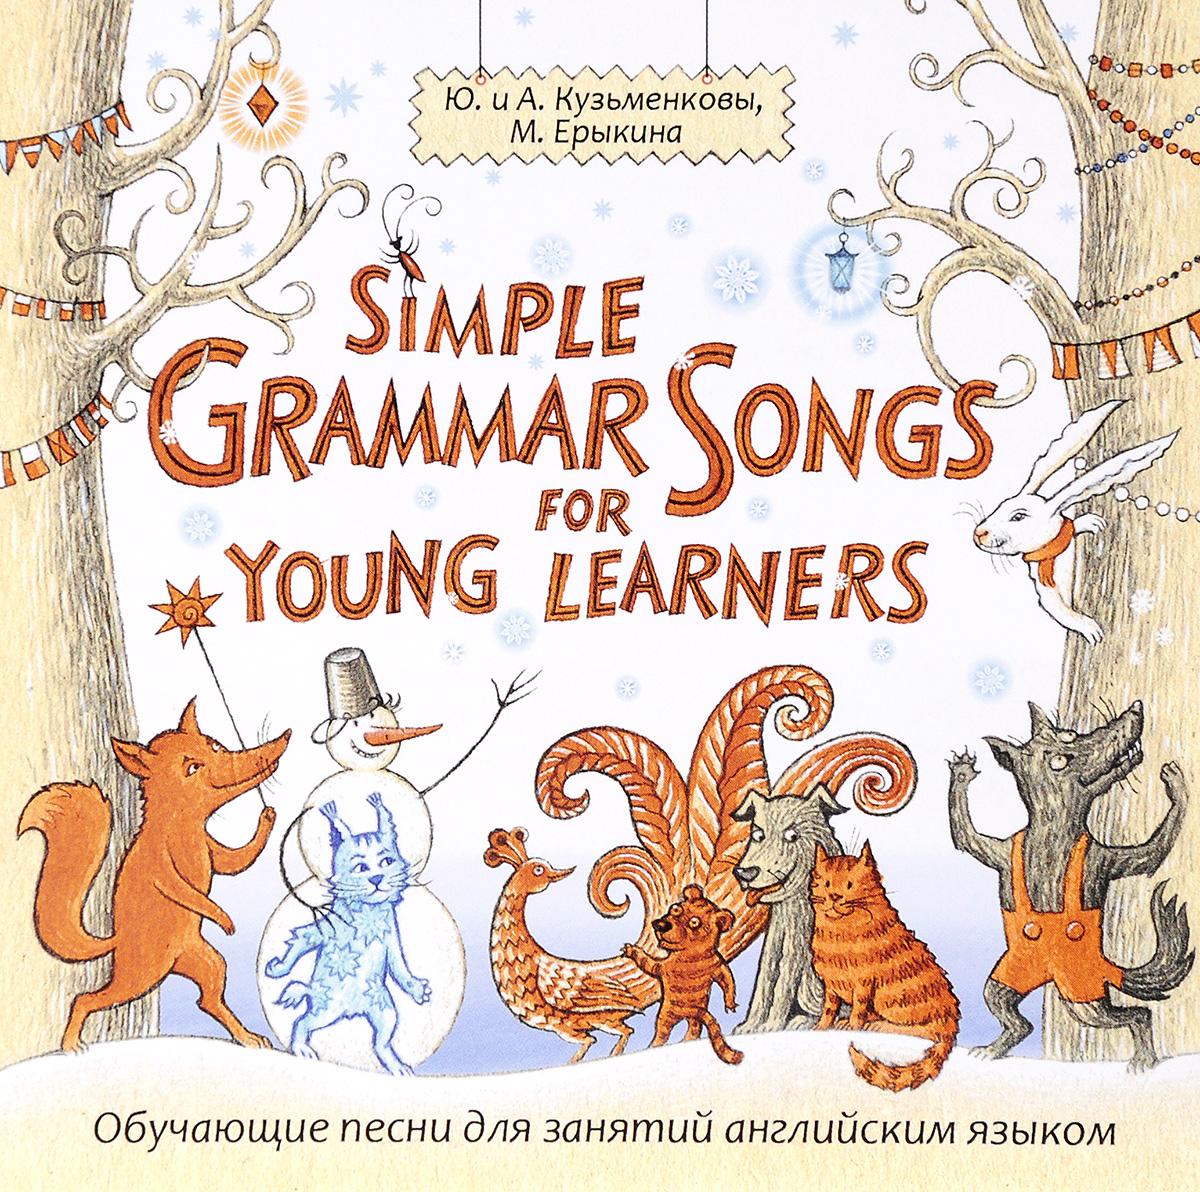 Издание содержит 16-страничный буклет с дополнительной информацией, текстами песен и заданиями на русском и английском языках.